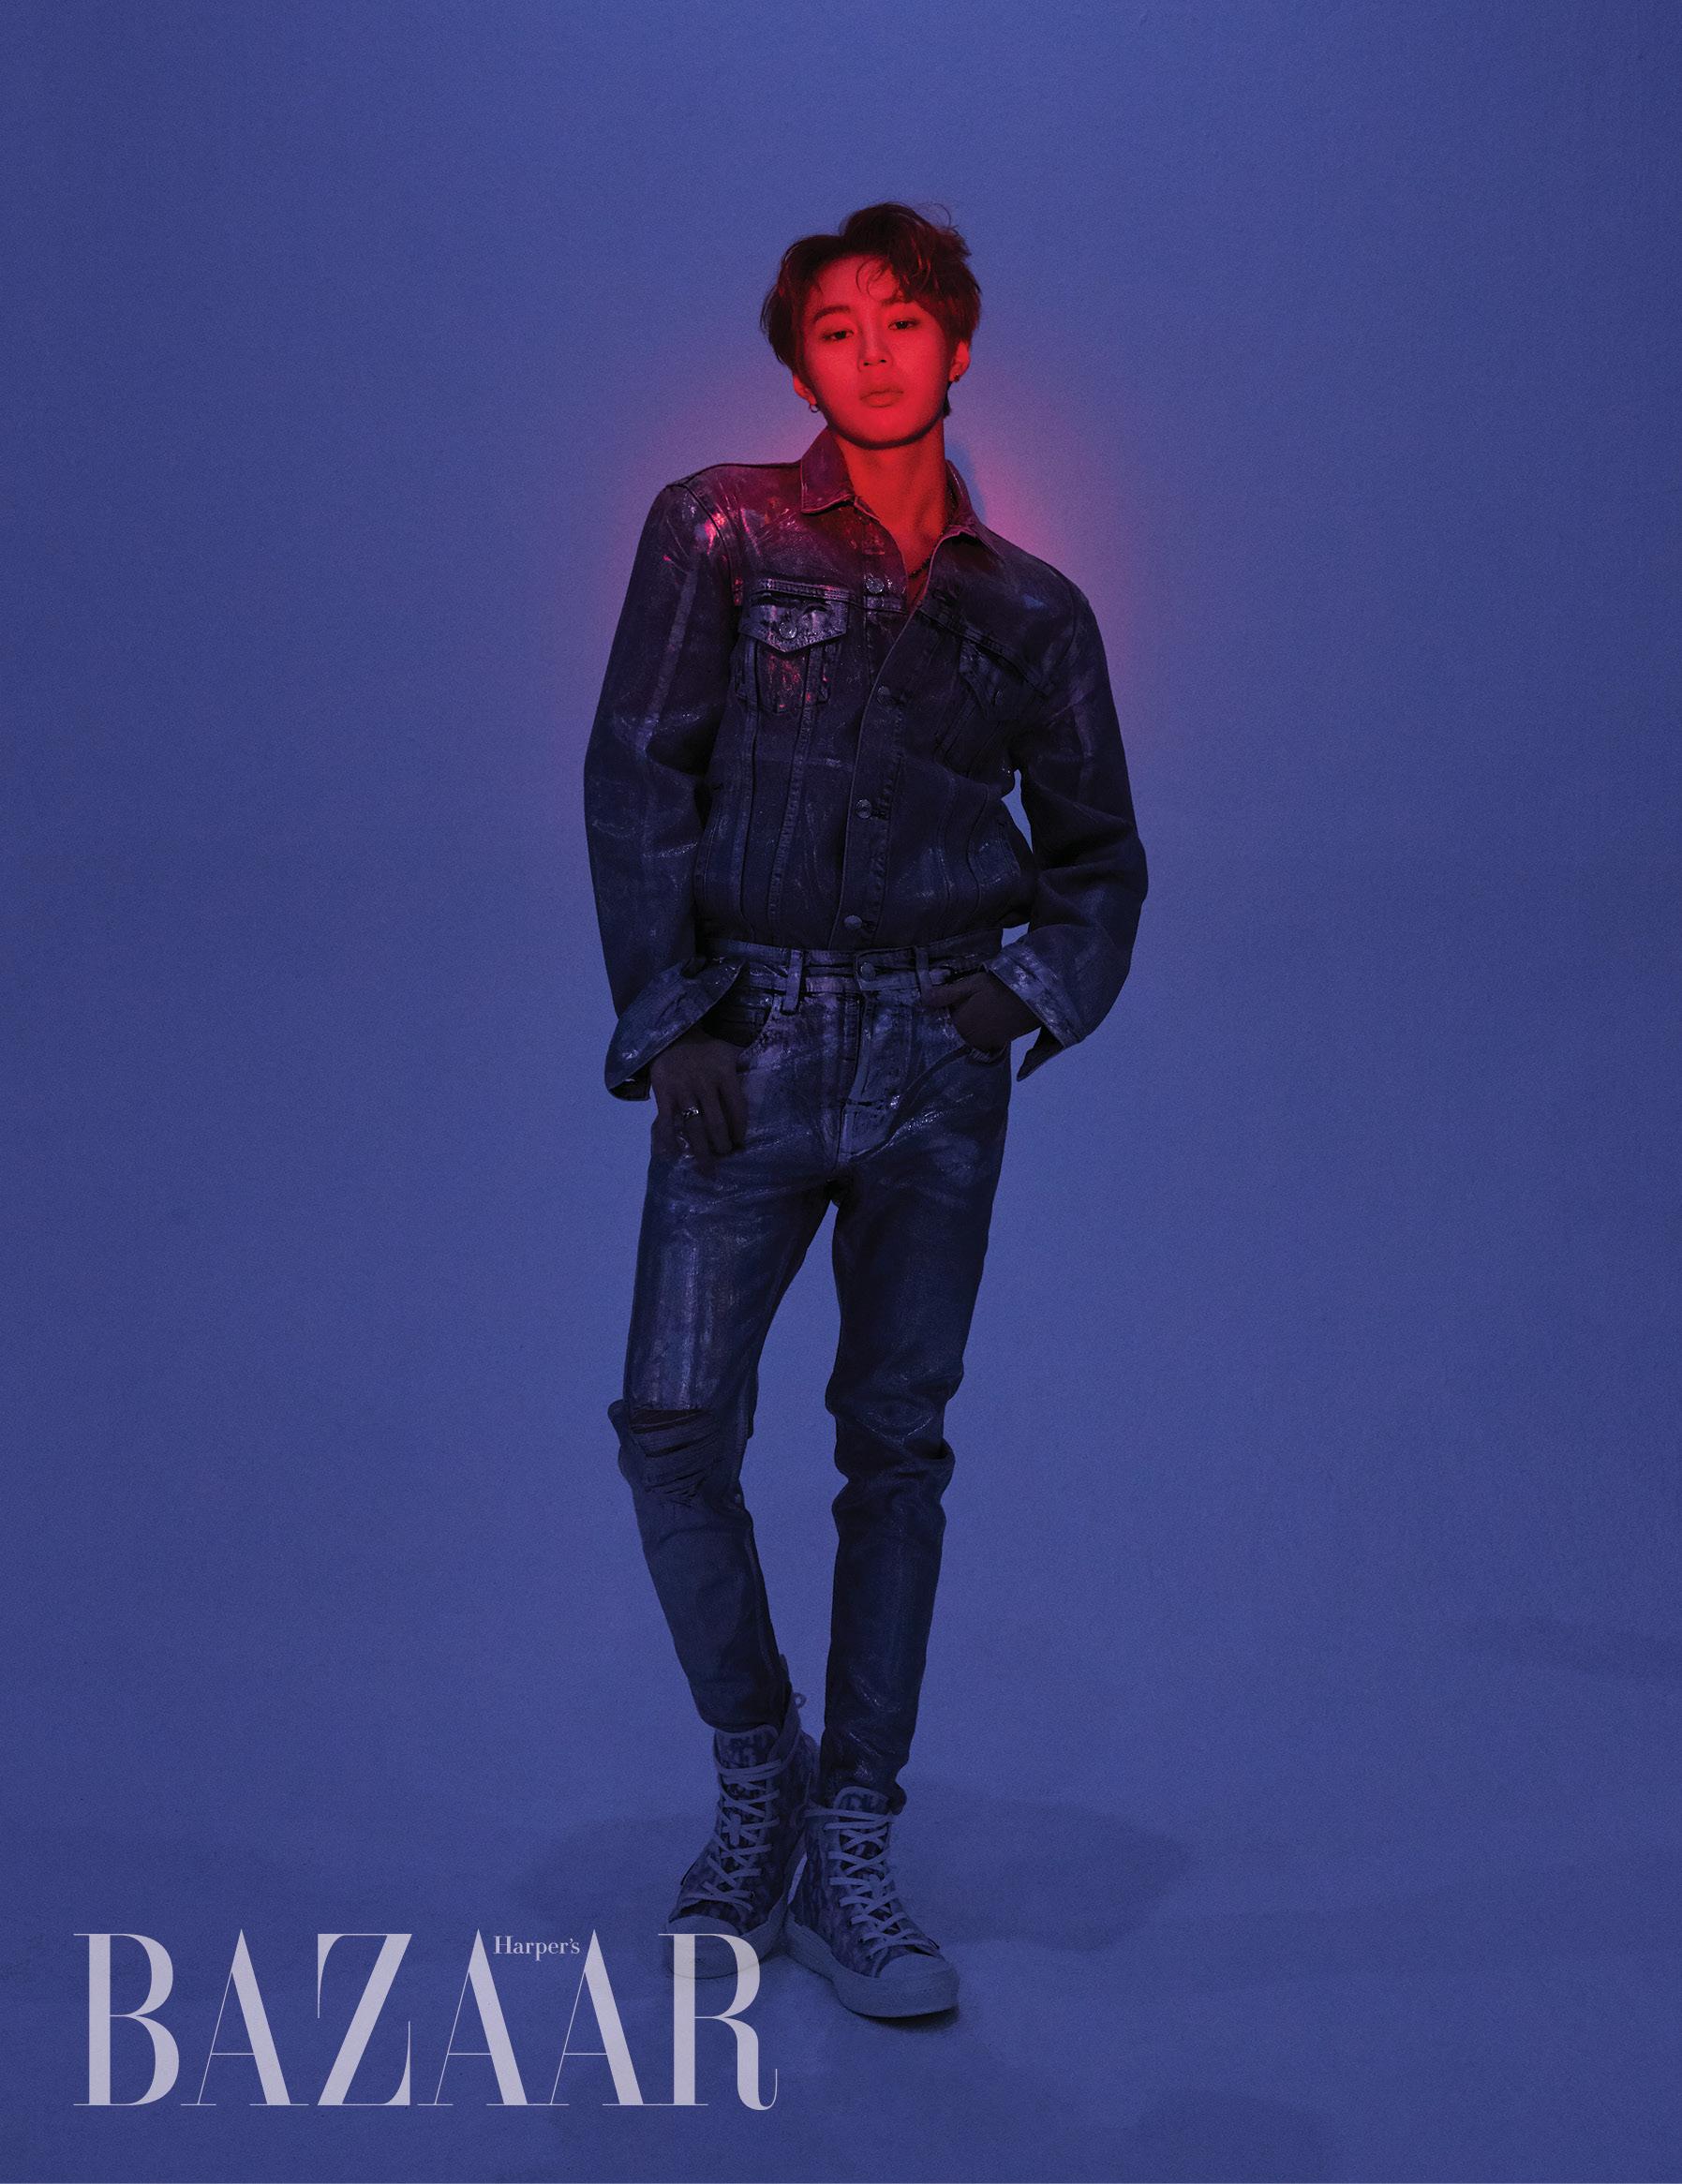 홀로그램 데님 재킷, 데님 팬츠는 Zara. 목걸이는 Rockingag. 로고 스니커즈는 Dior.